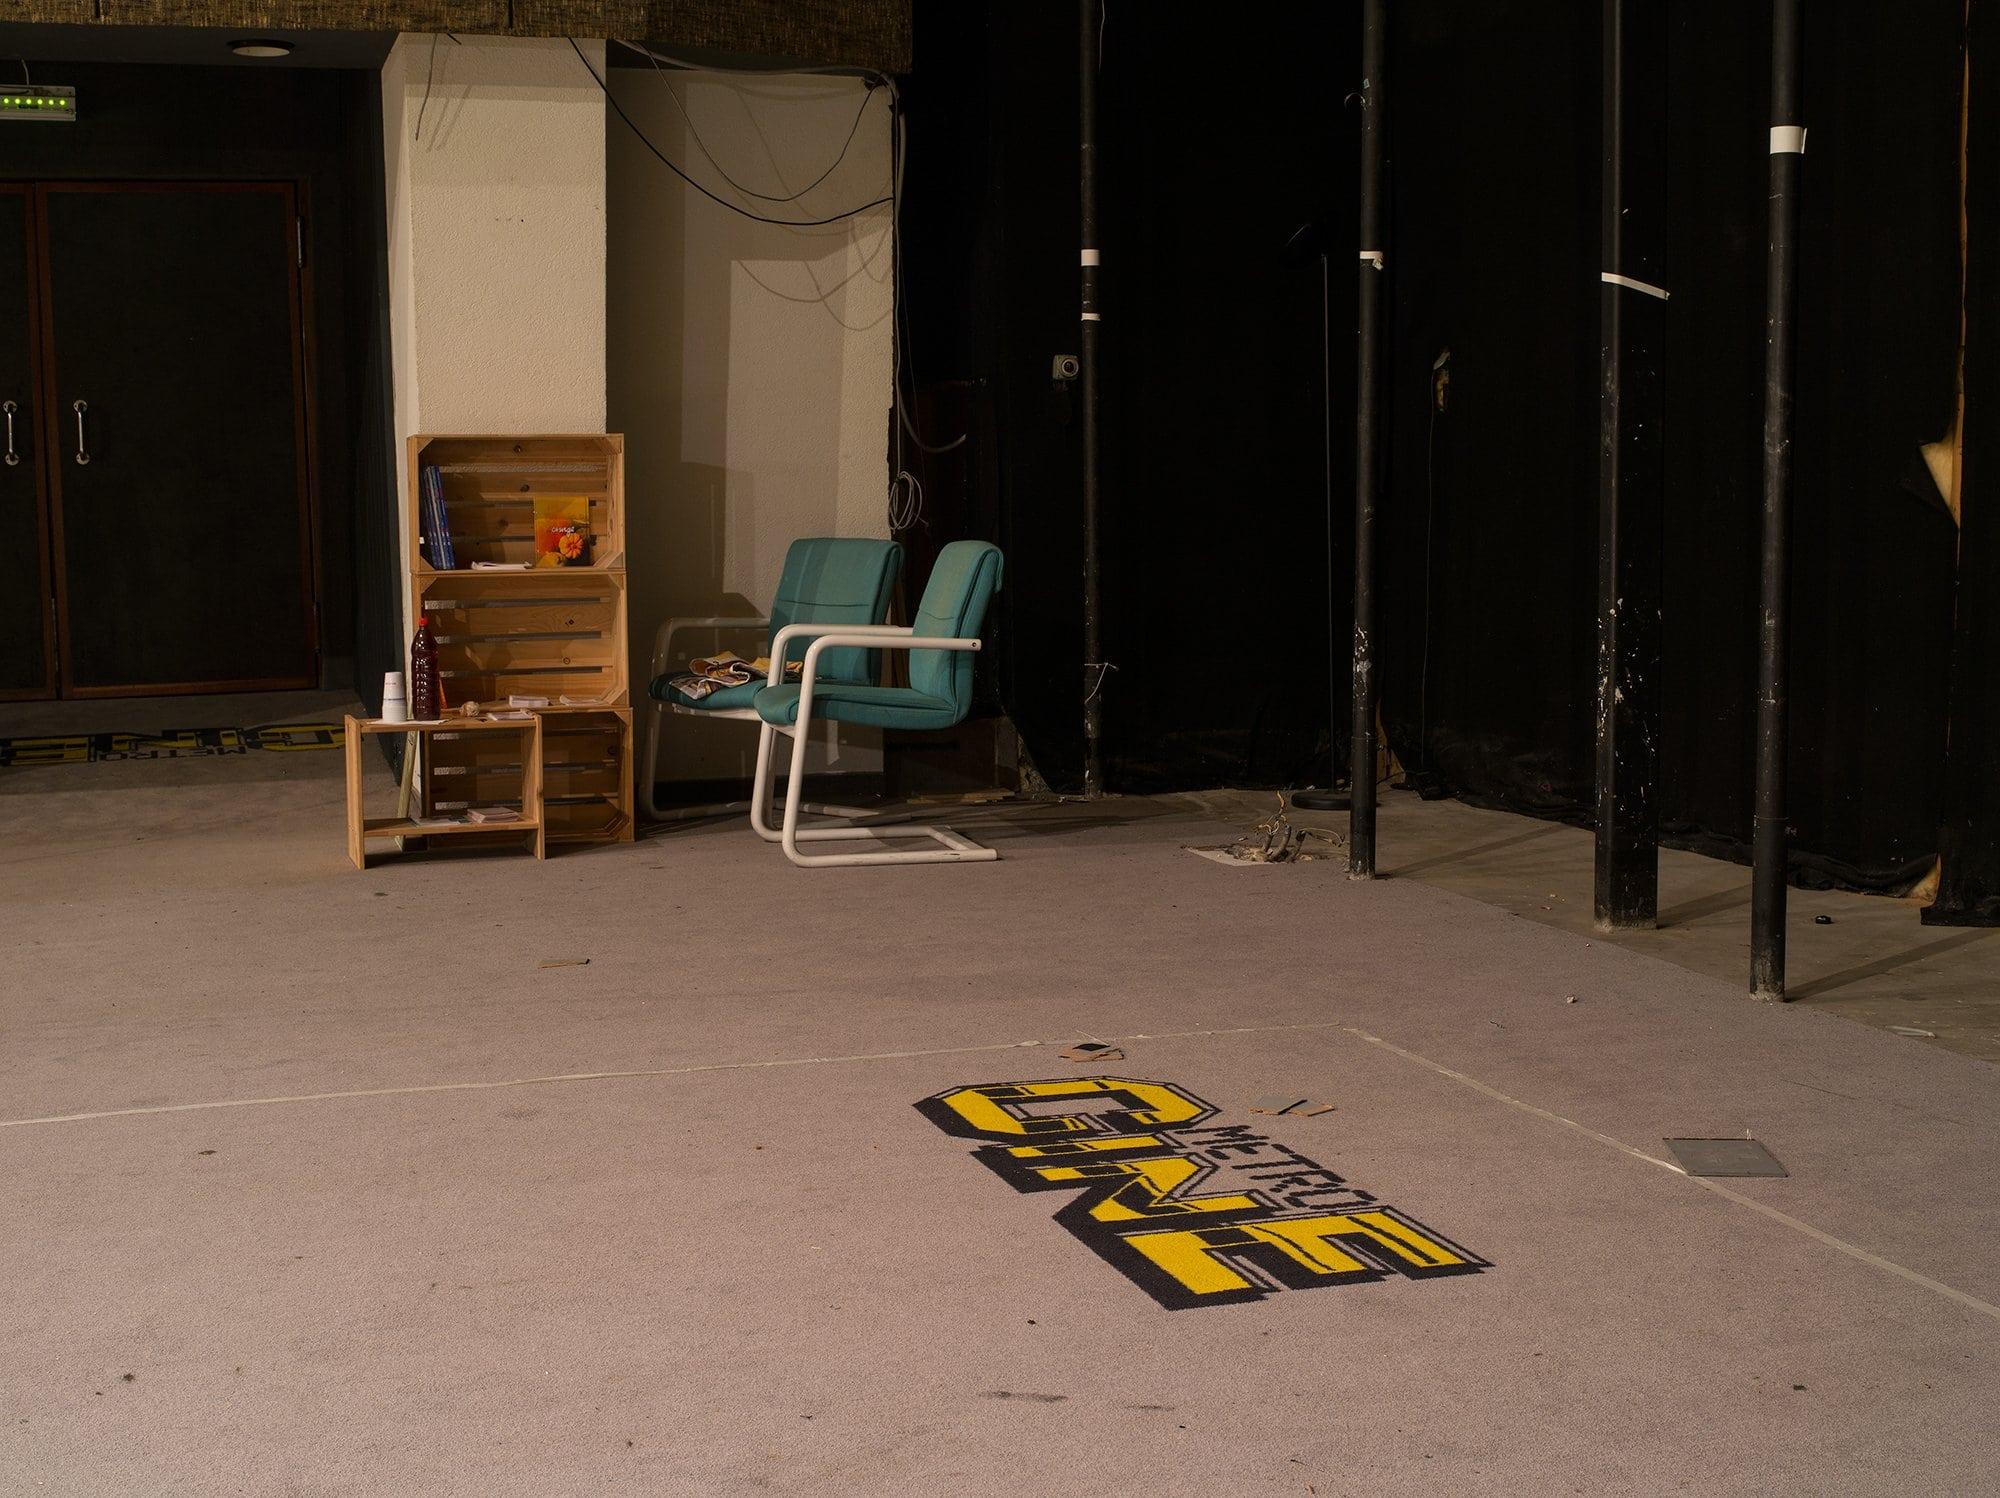 moquette dans un ancien cinéma où il est écrit Métrociné